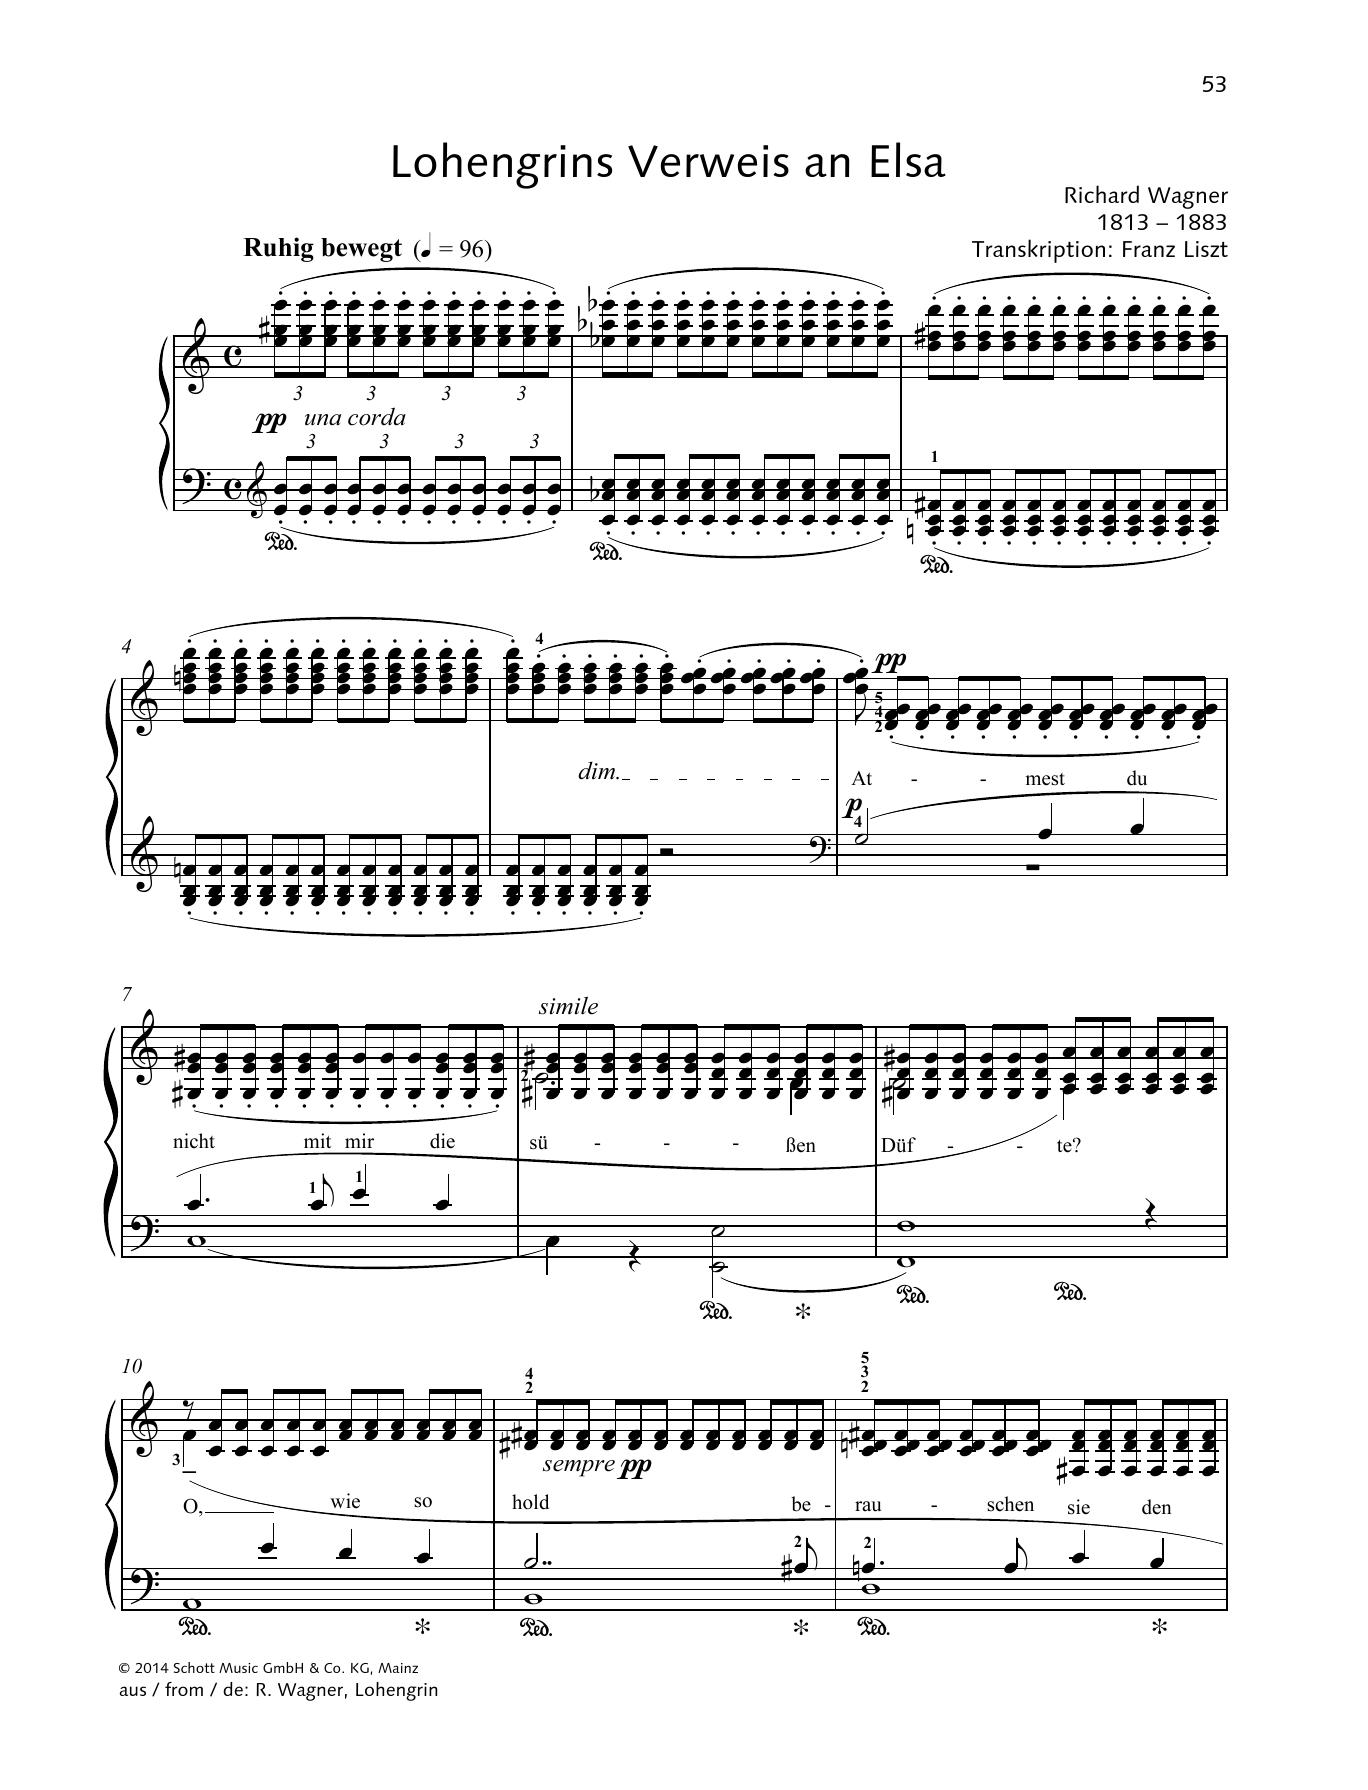 Lohengrins Verweis an Elsa Sheet Music